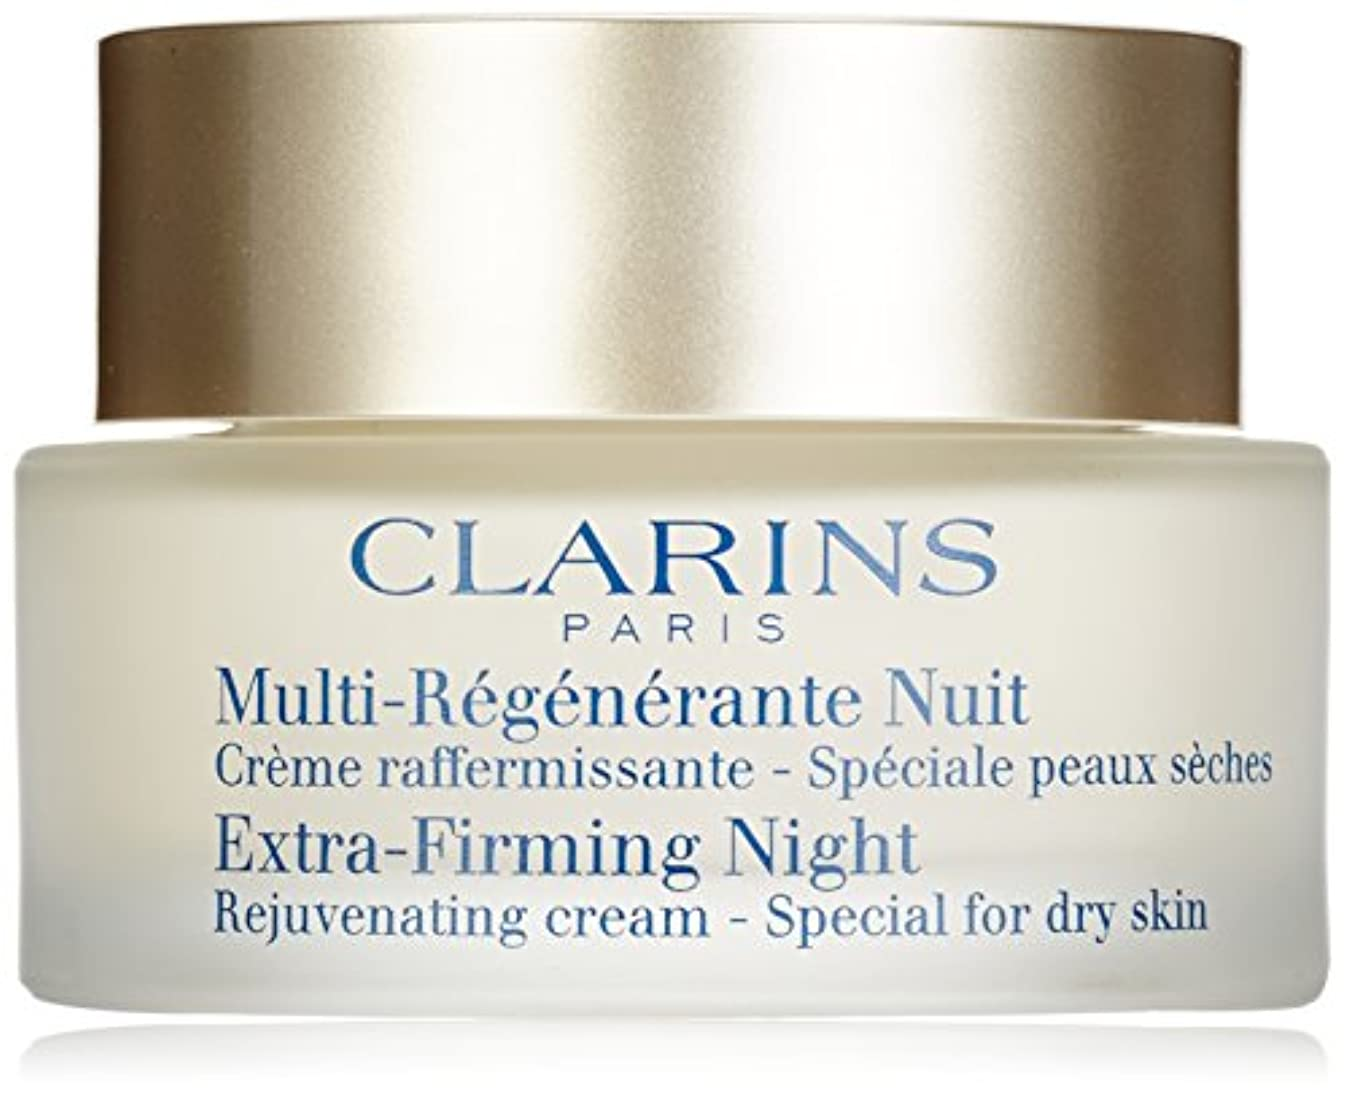 肌遺伝子無駄だクラランス CLARINS ファーミング EX ナイトクリーム ドライスキン [並行輸入品]